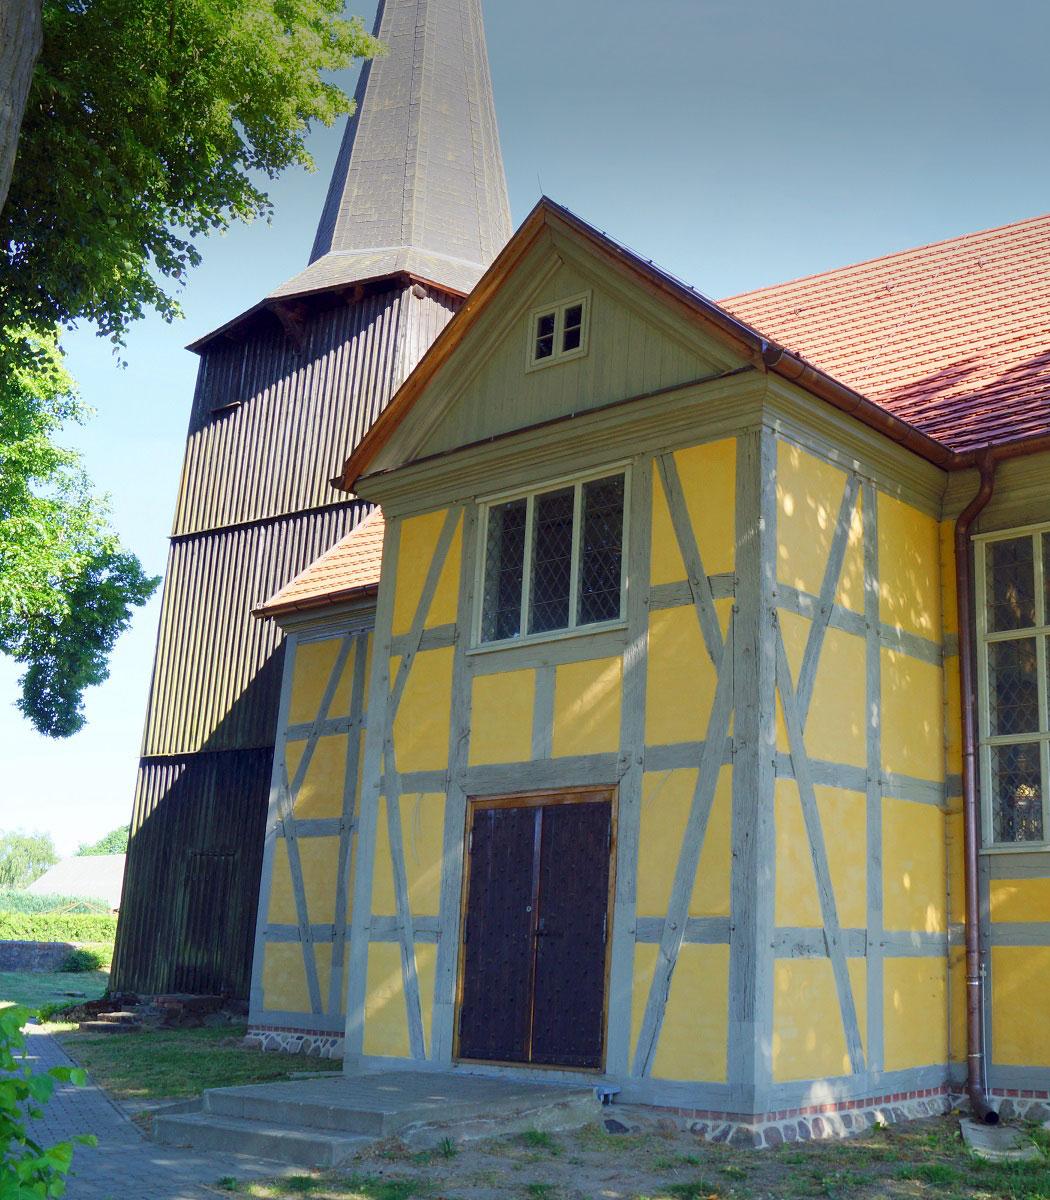 Nach fast dreijähriger Bauzeit ist die frisch sanierte Fachwerkkirche in Groß Teetzleben wieder der strahlende Mittelpunkt des Dorfs